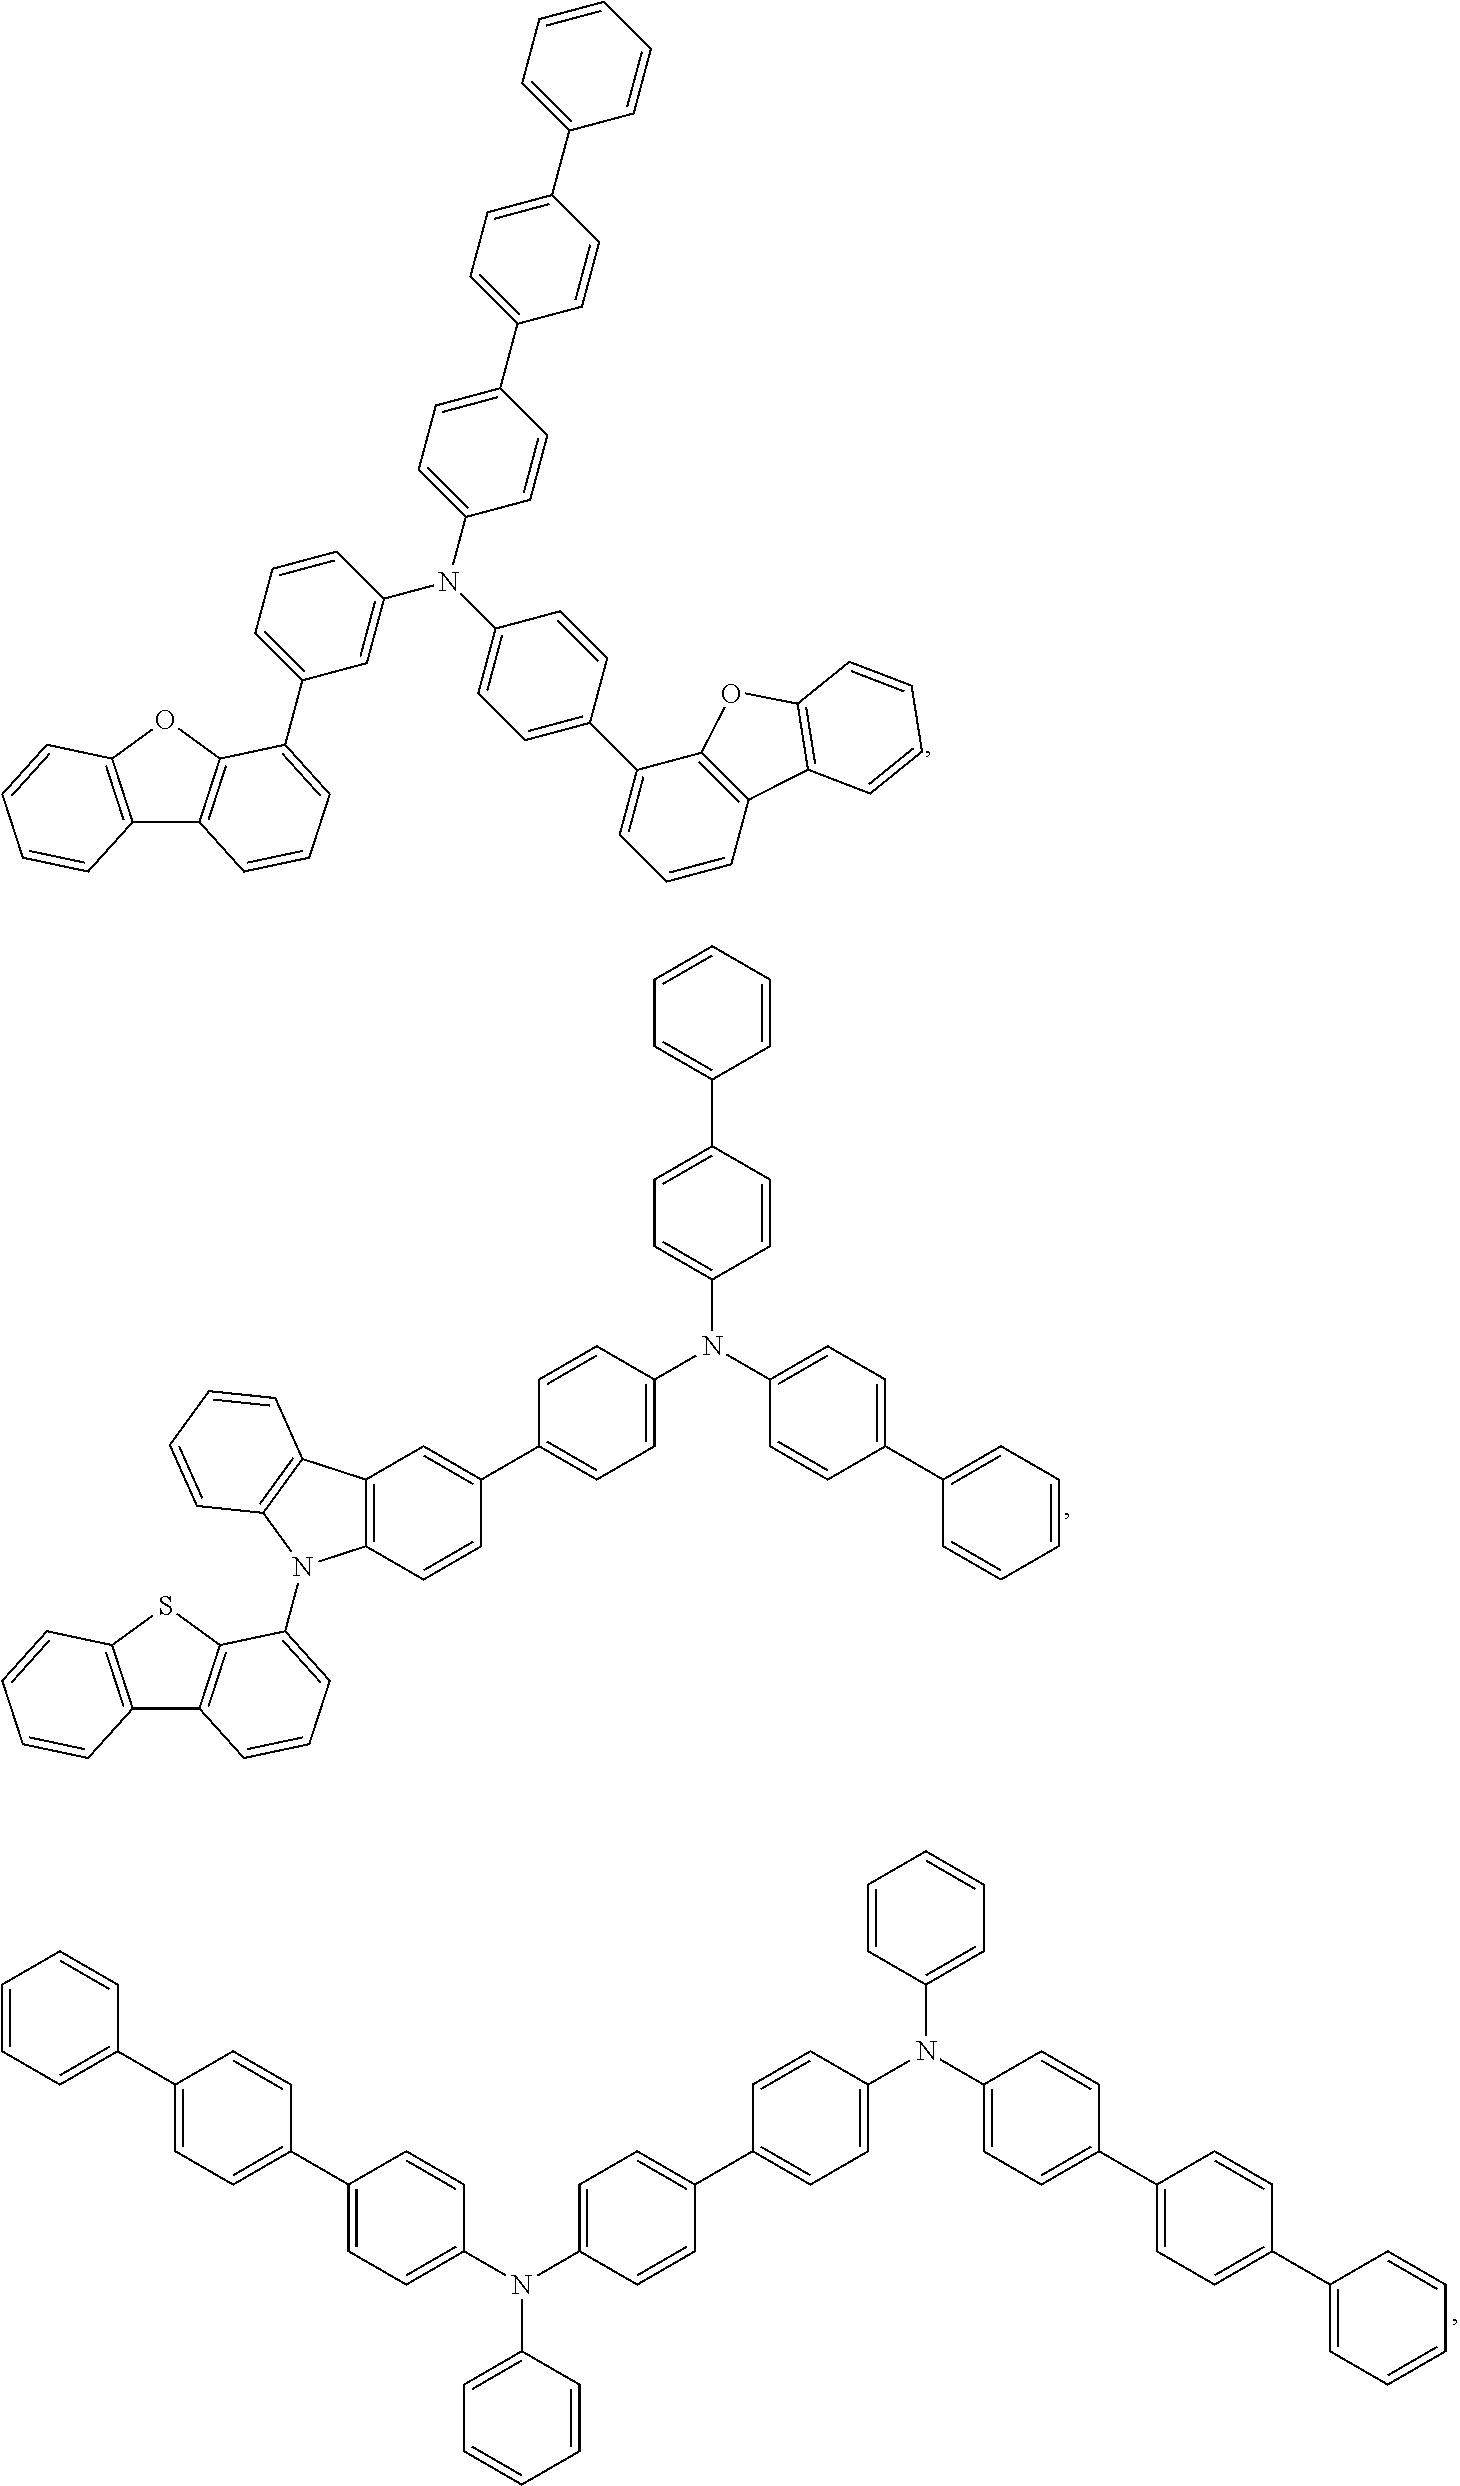 Figure US20180076393A1-20180315-C00070